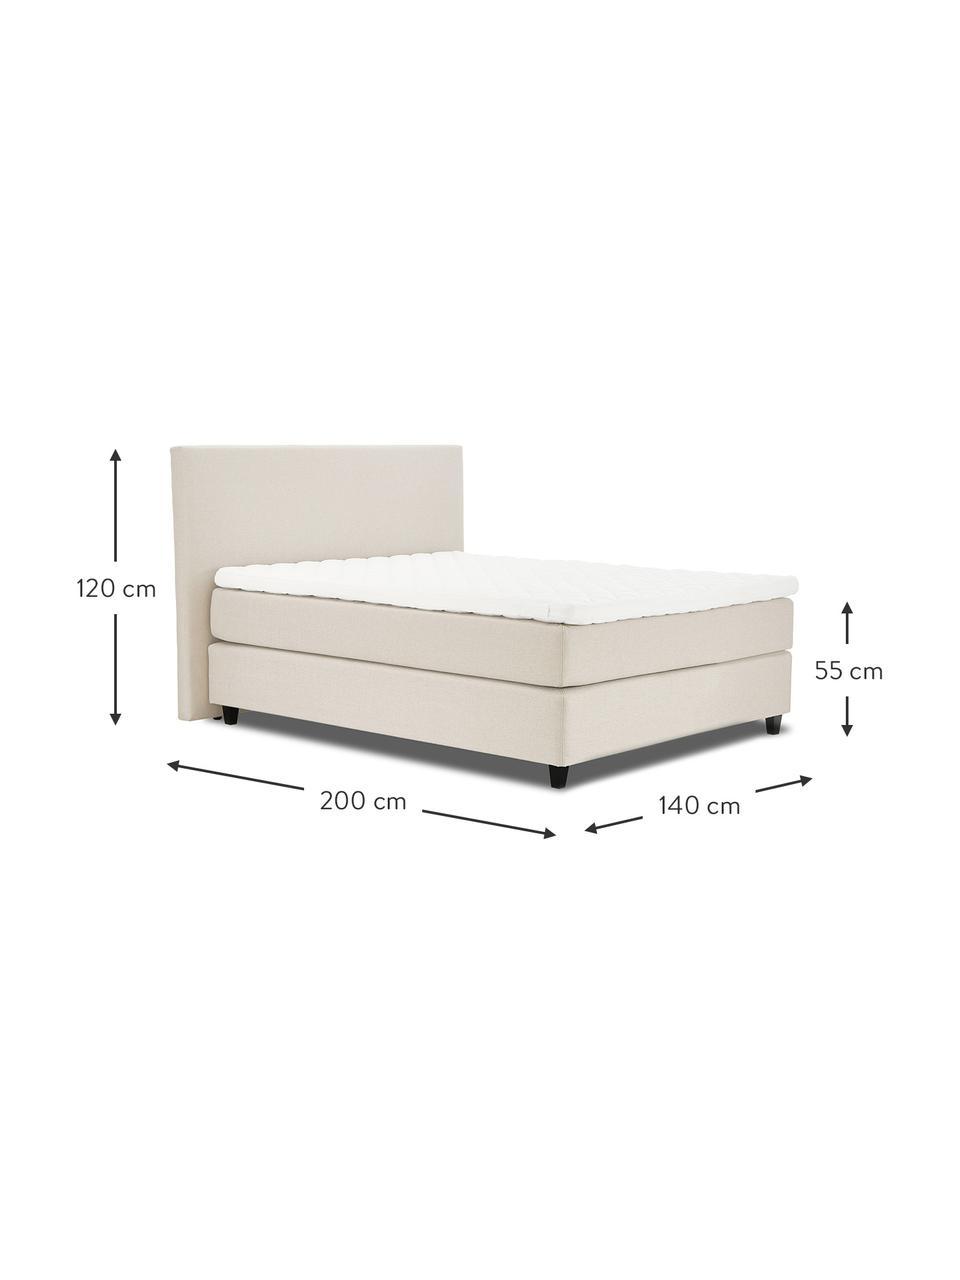 Łóżko kontynentalne premium Eliza, Nogi: lite drewno brzozowe, lak, Beżowy, 180 x 200 cm